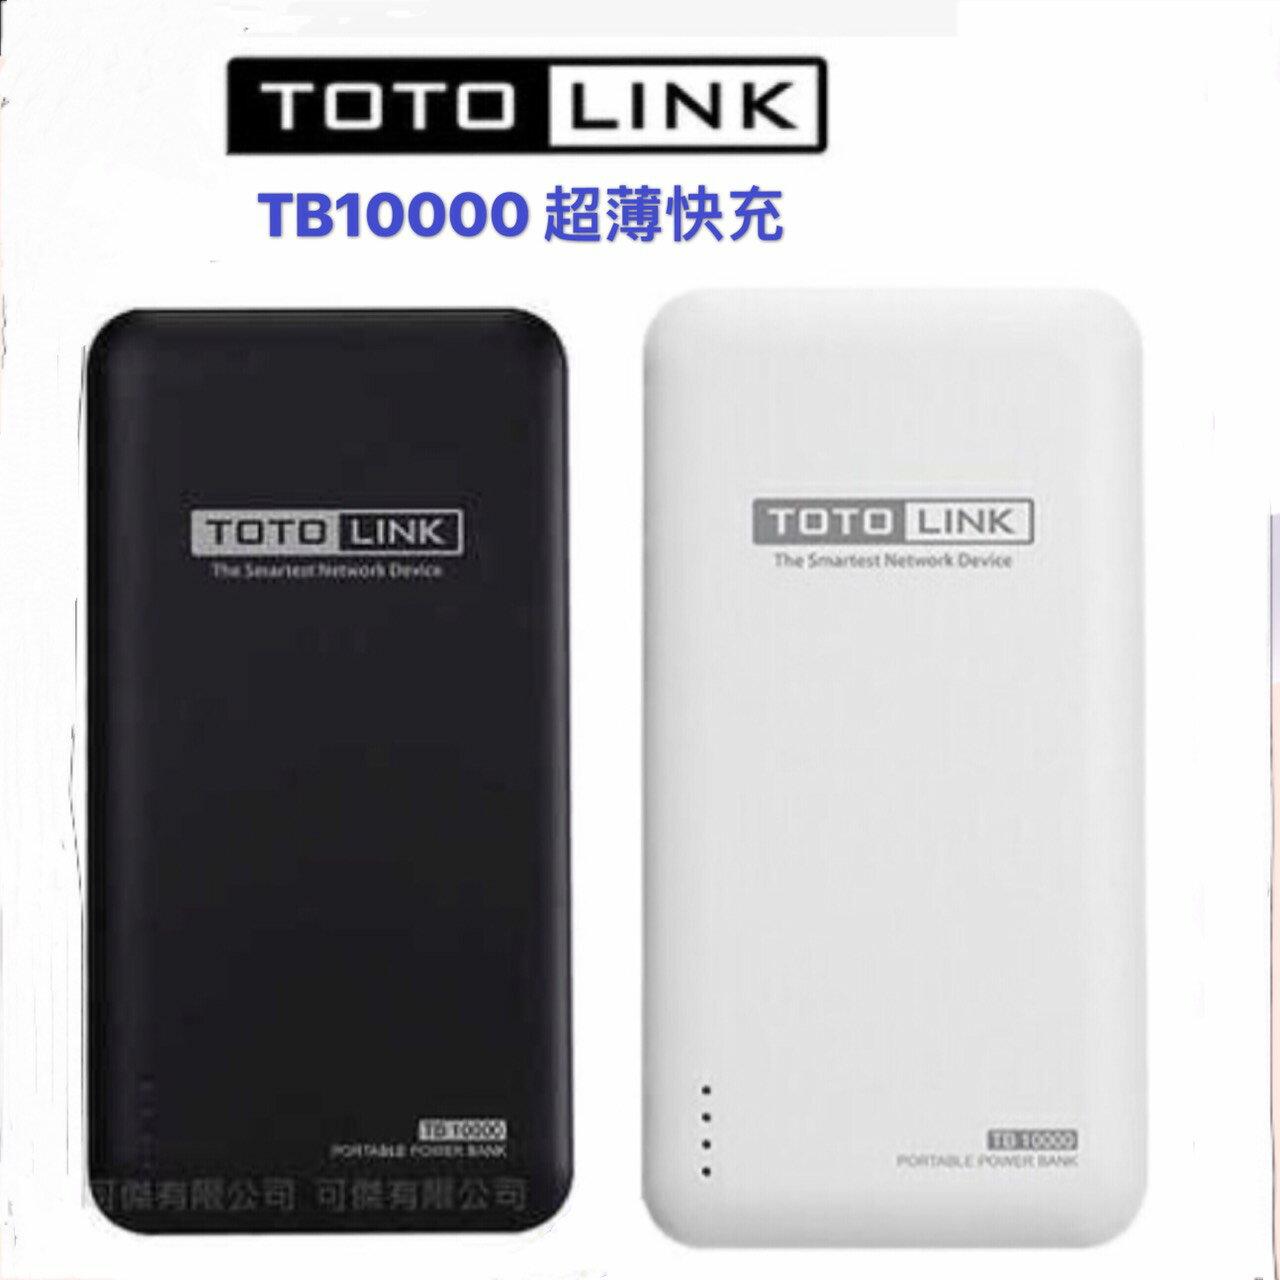 TOTOLINK TB10000 超薄快充行動電源 10000mAh 黑/白 [富廉網]